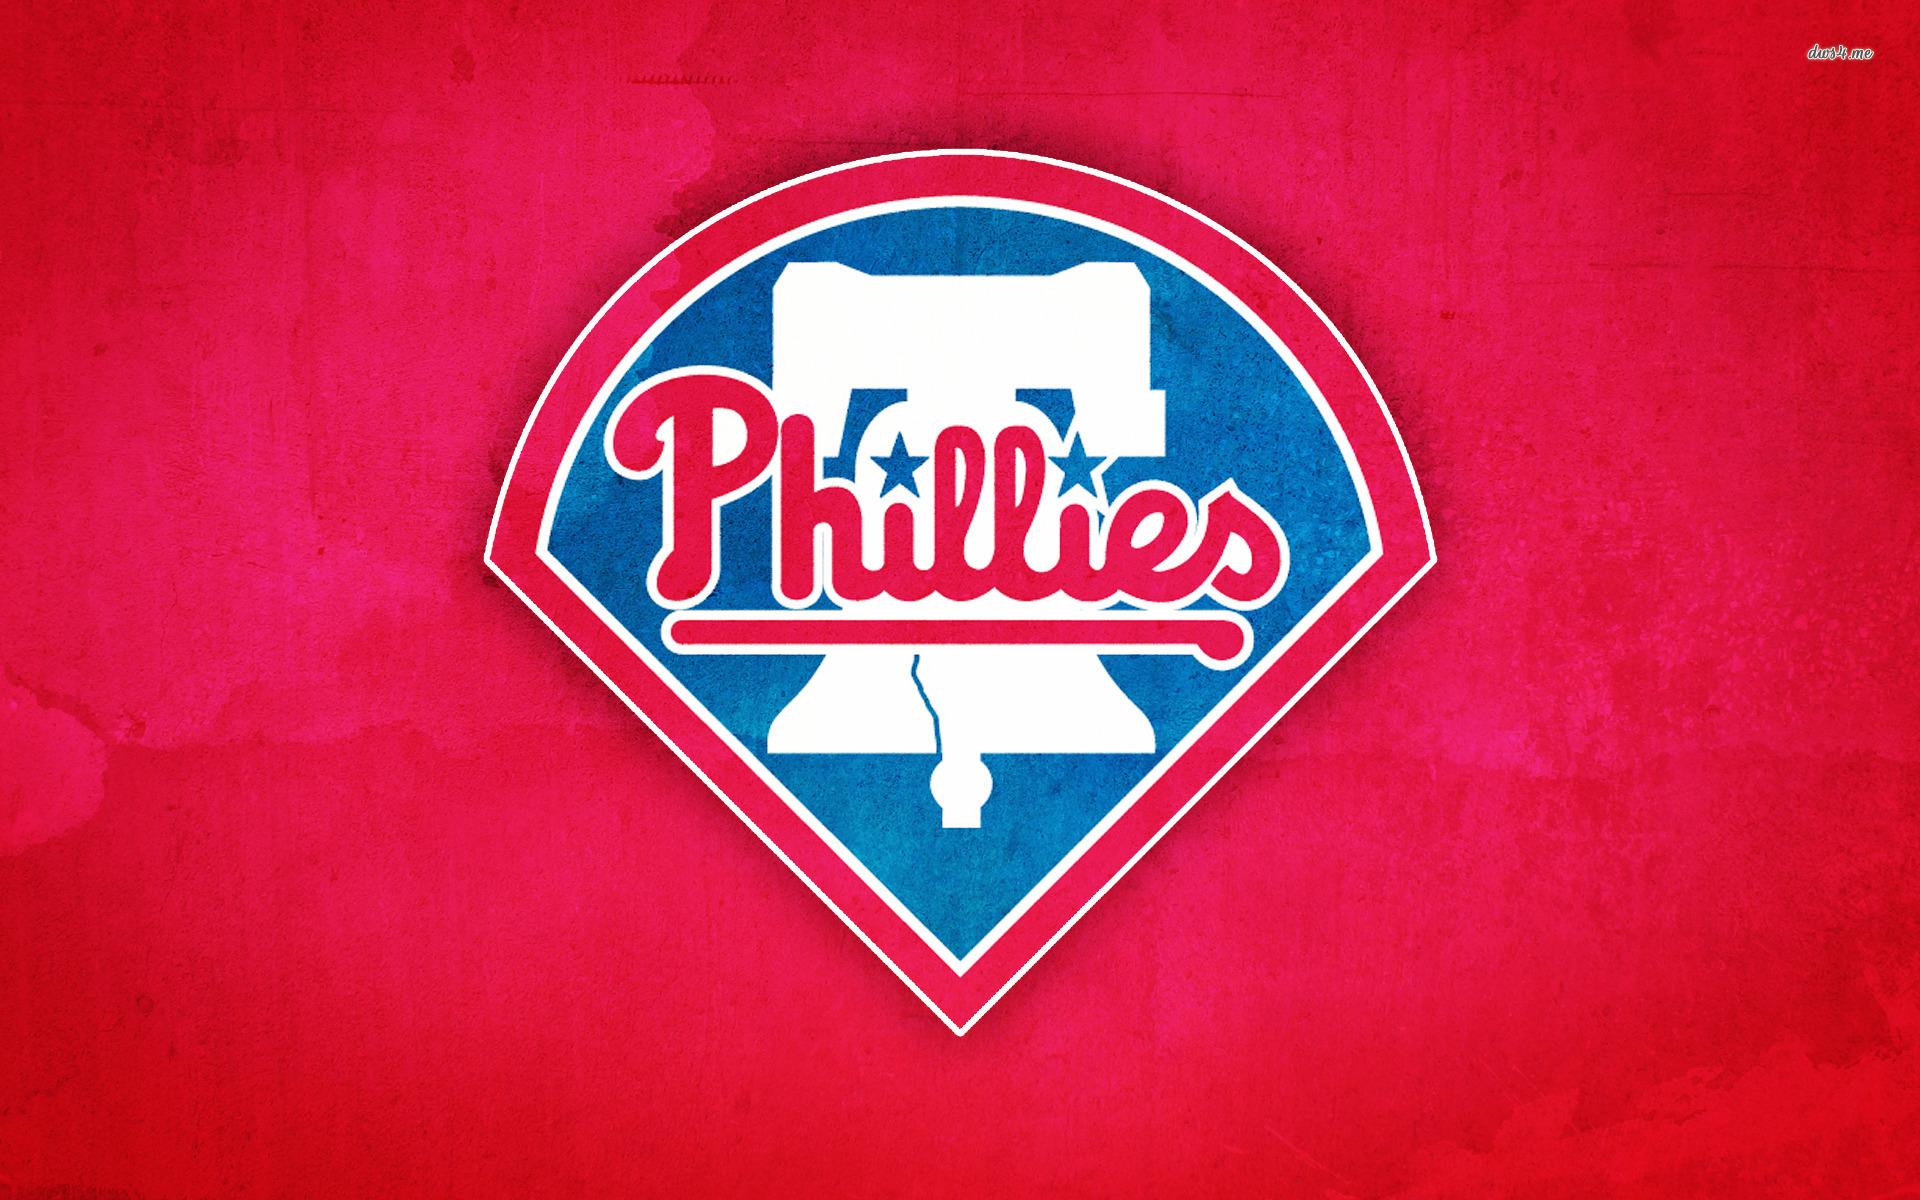 Phillies Wallpaper